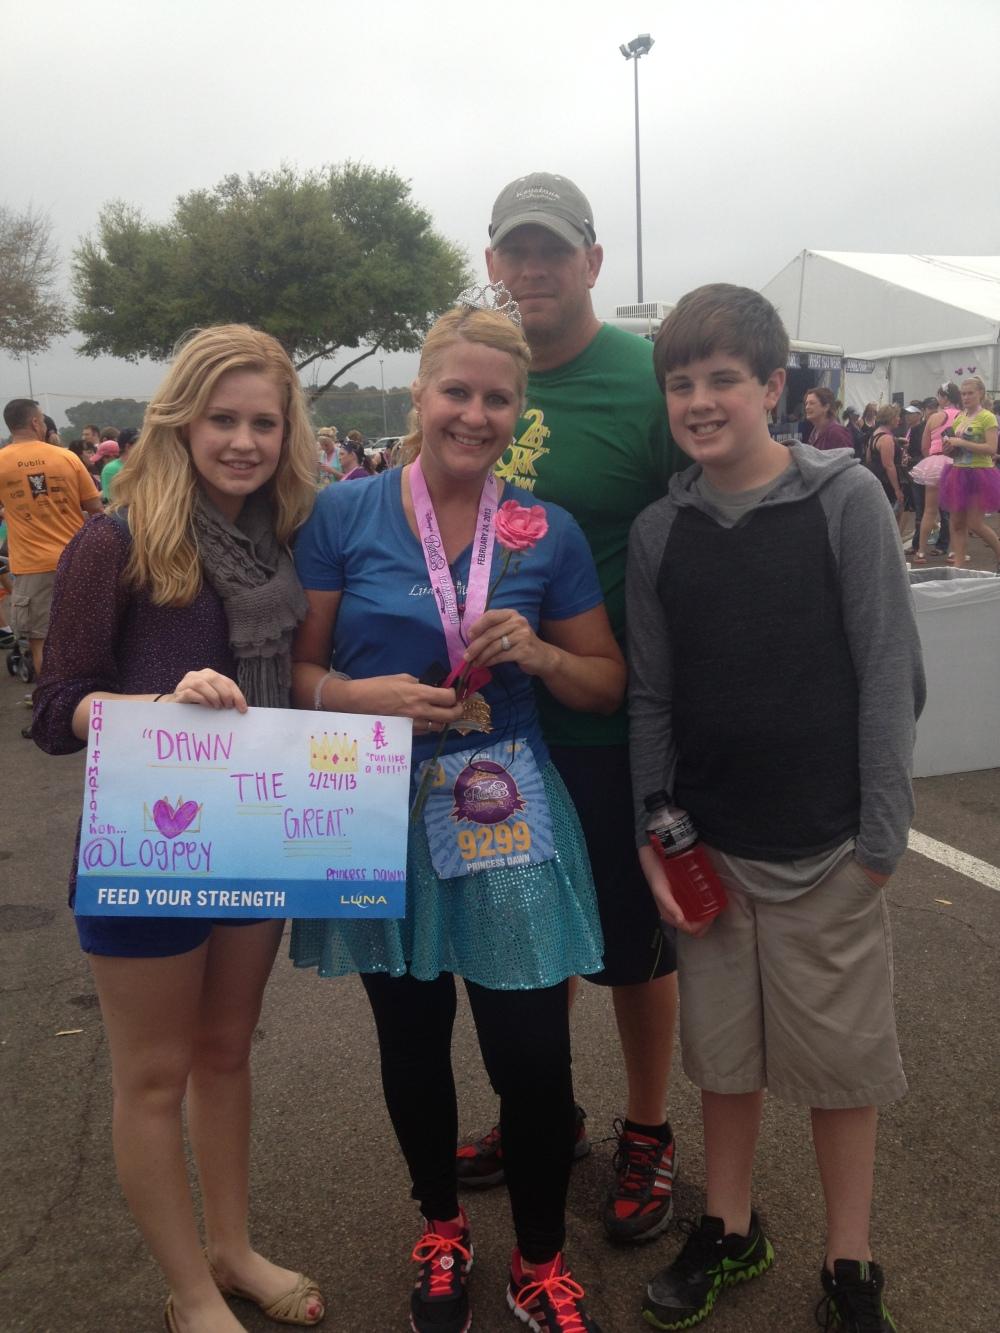 My Very First Half Marathon at Walt Disney World!